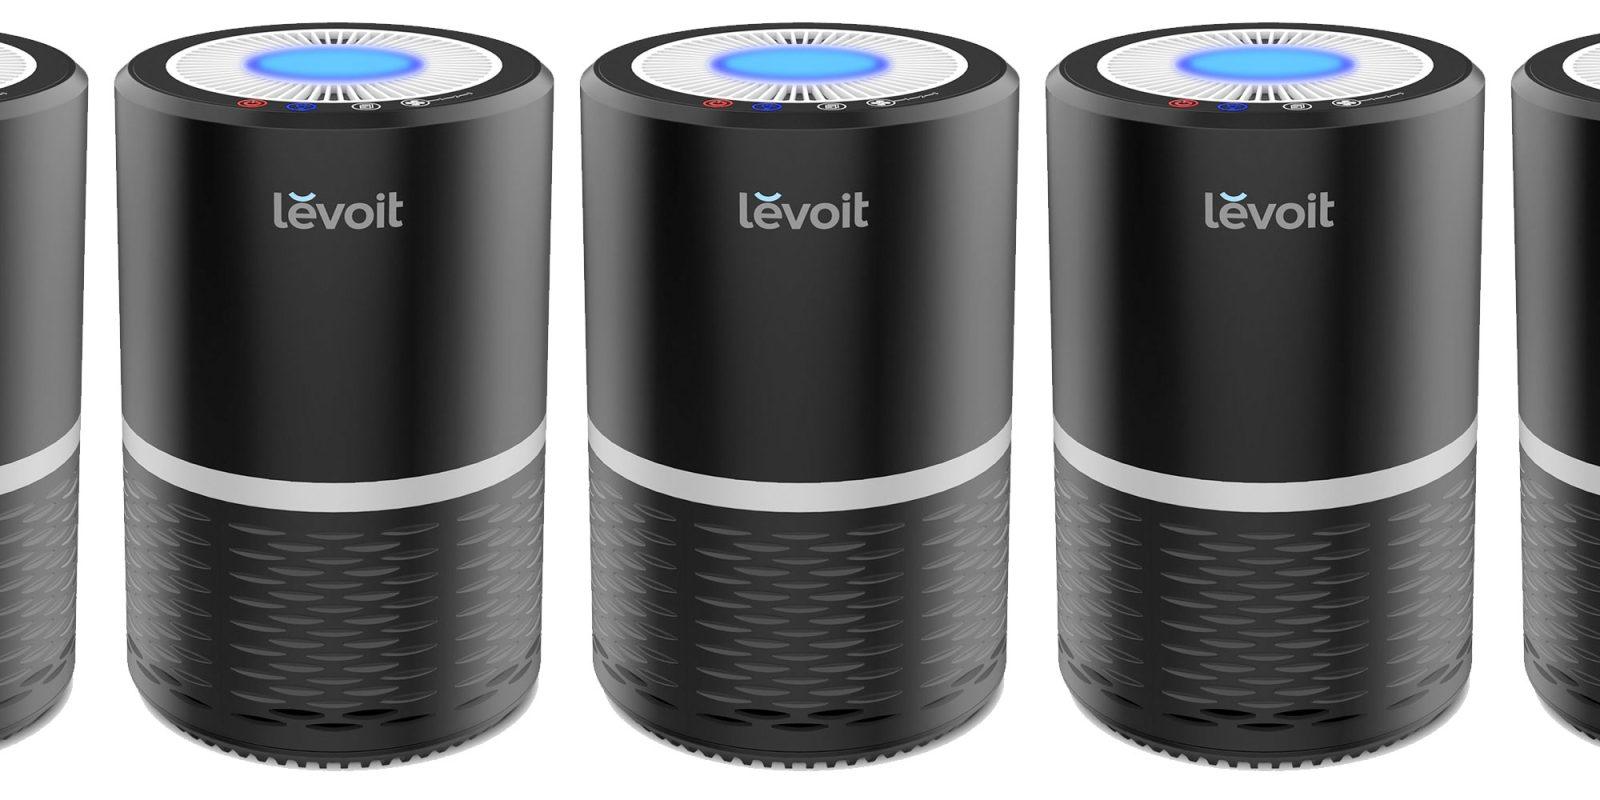 Get LEVOIT's air purifier & enjoy easier breathing for $55 (Reg. $90)